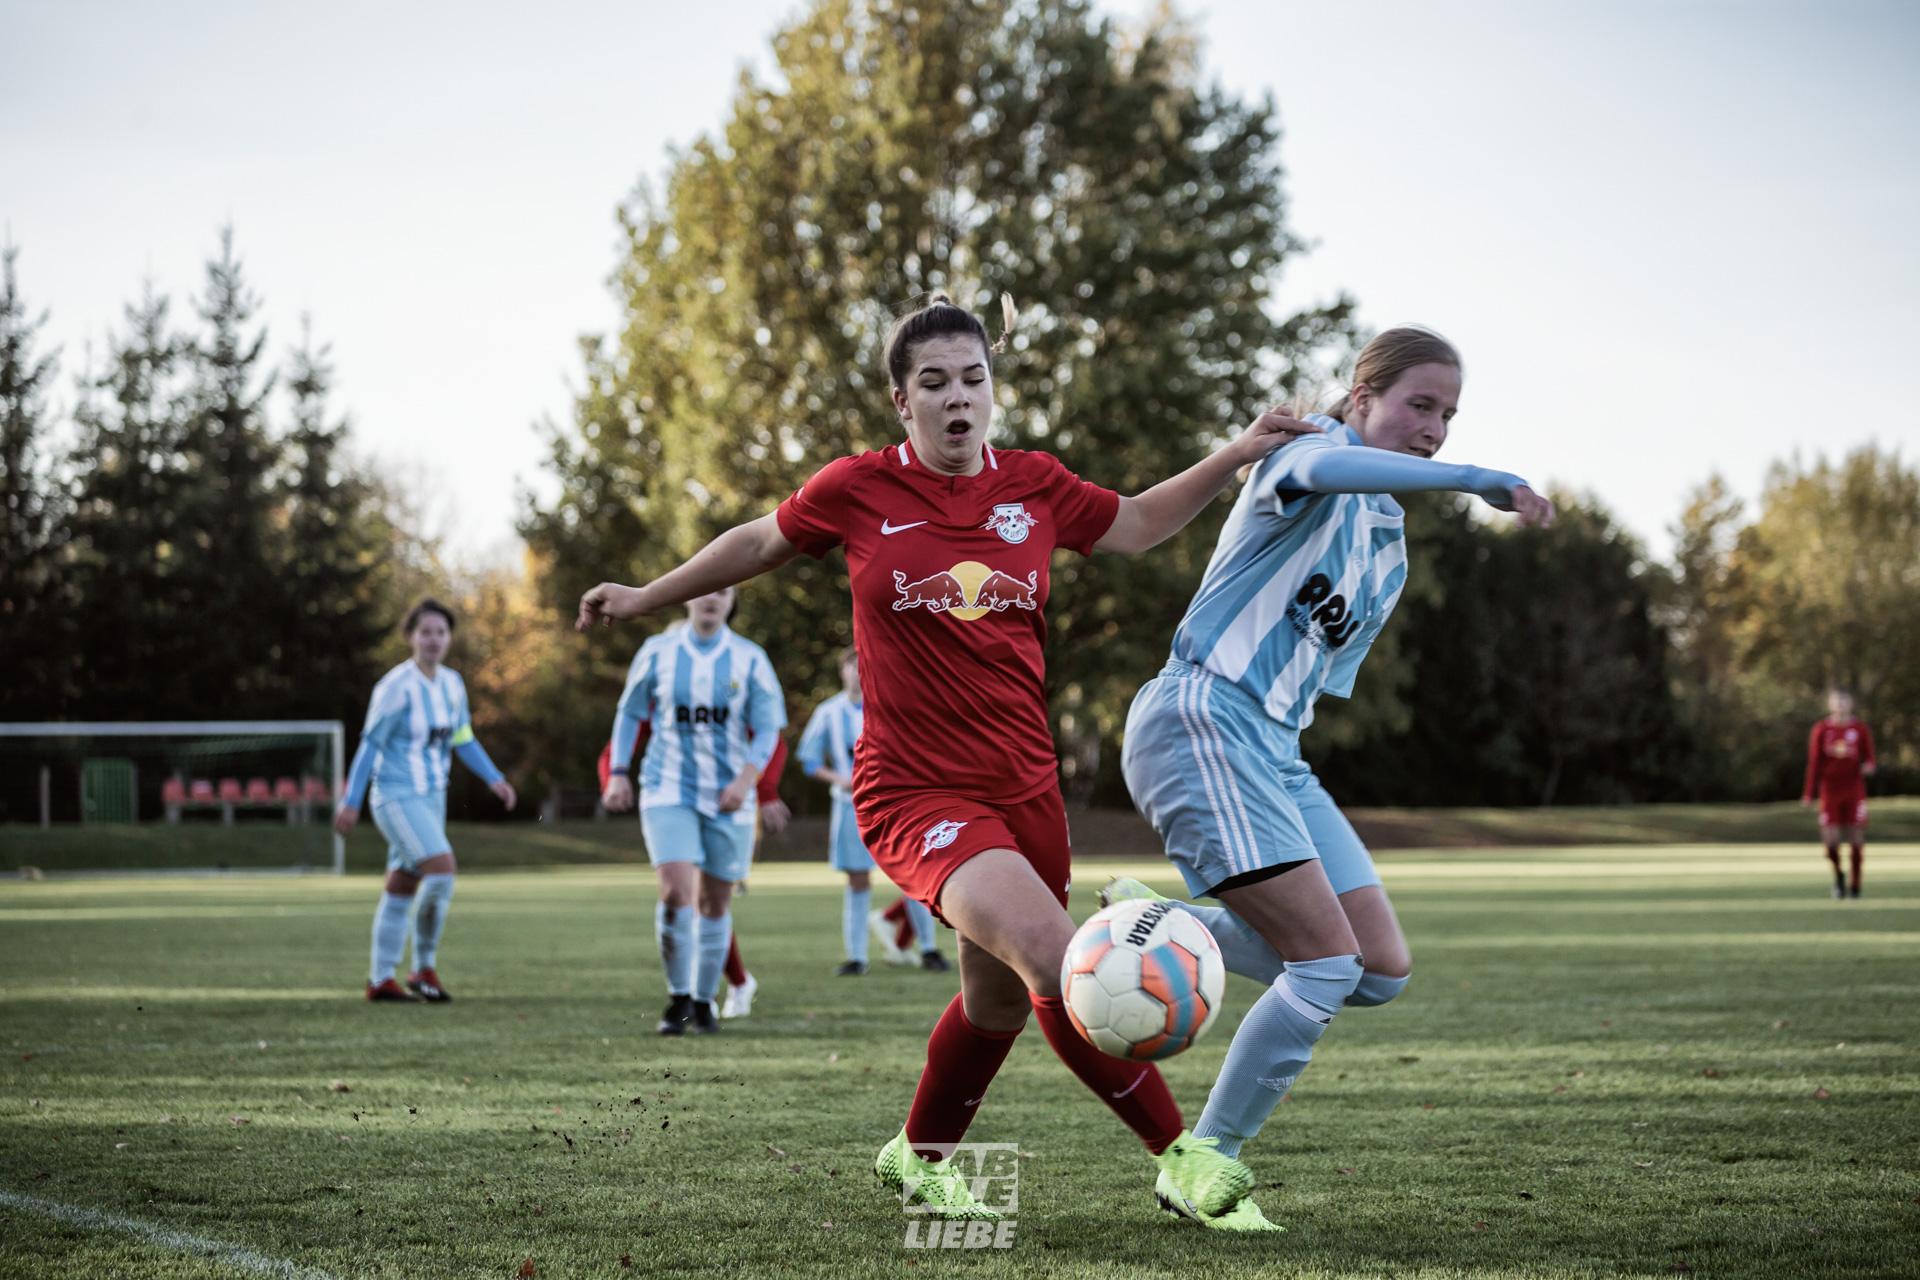 Landespokal: Chemnitzer FC -vs- RB Leipzig